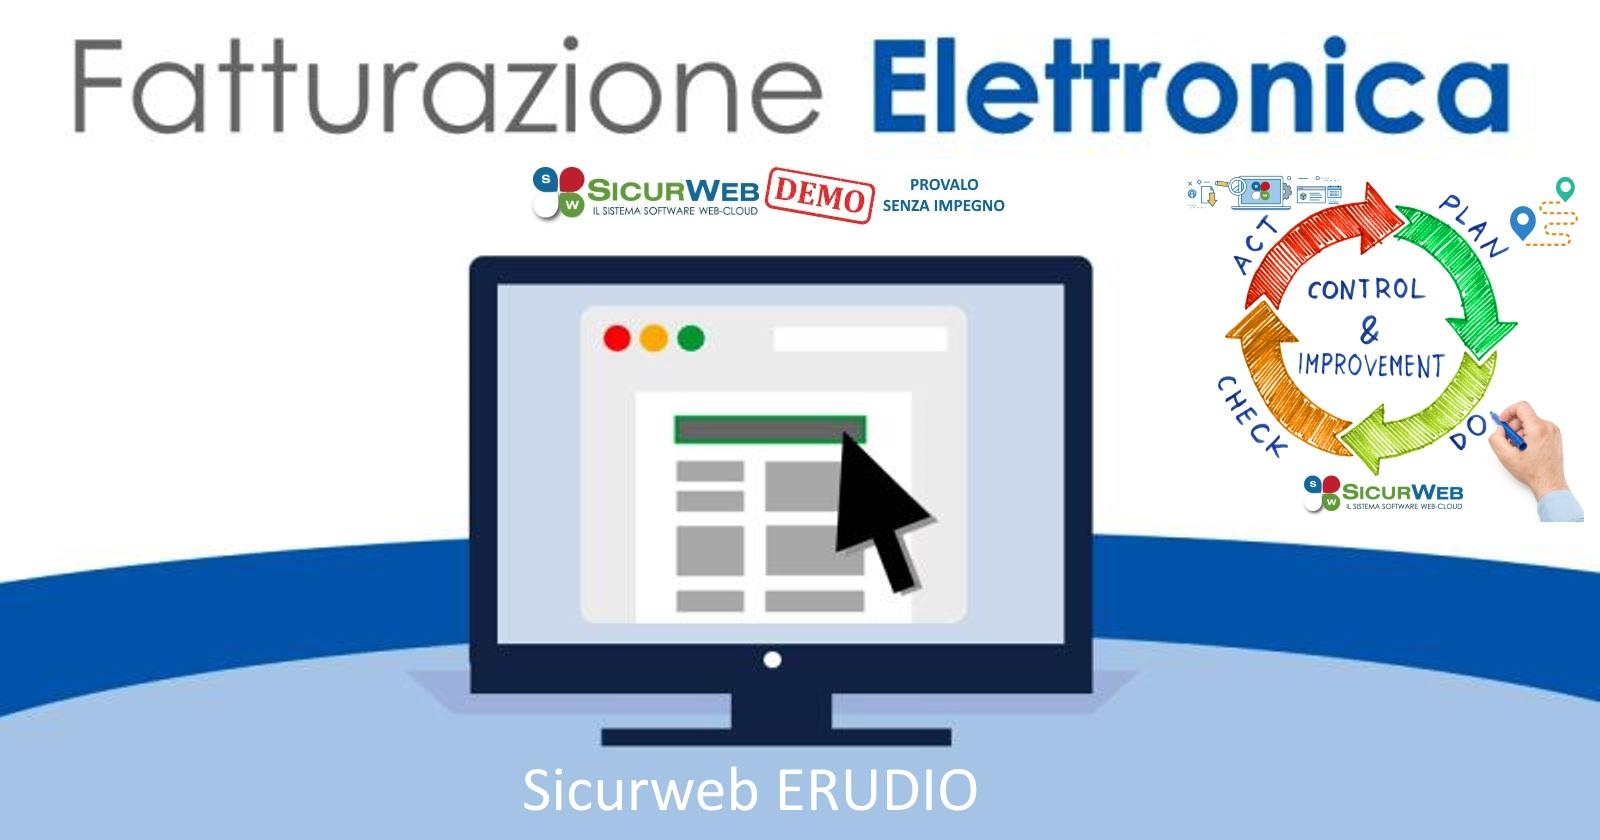 Nel catalogo corsi della piattaforma e-learning Sicurweb ERUDIO è possibile scarica il corso FAD di fatturazione elettronica